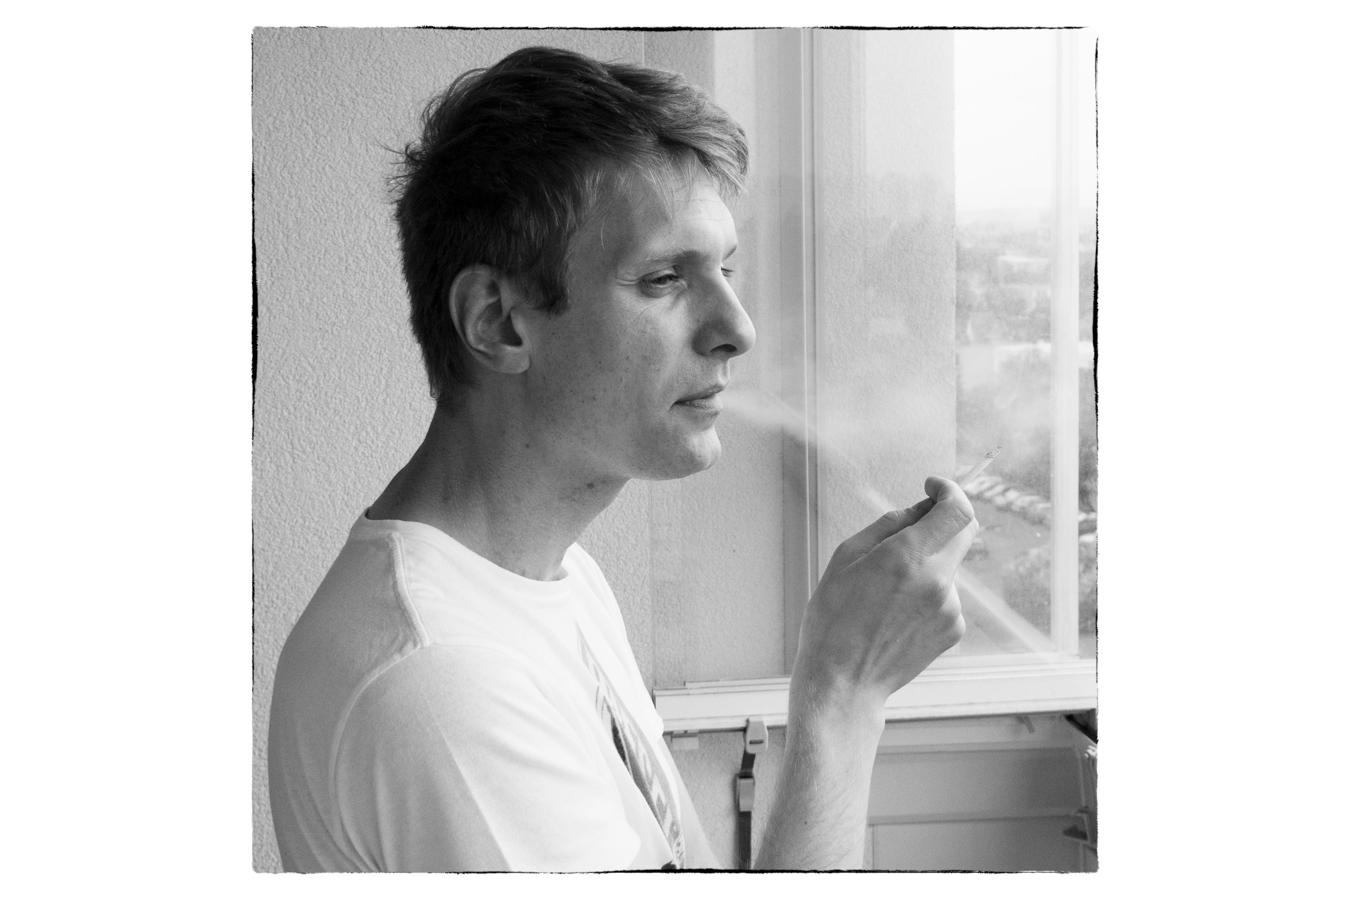 Motiv na fotografii je jednoznačný. Jedná se o portrét muže kouřícího cigaretu. Fotografie čitelně zasazuje fotografovaného do prostředí, ale neobsahuje žádné zbytečné detaily, které nemají pro hlavní motiv význam a mohly by být rušivé.jpg